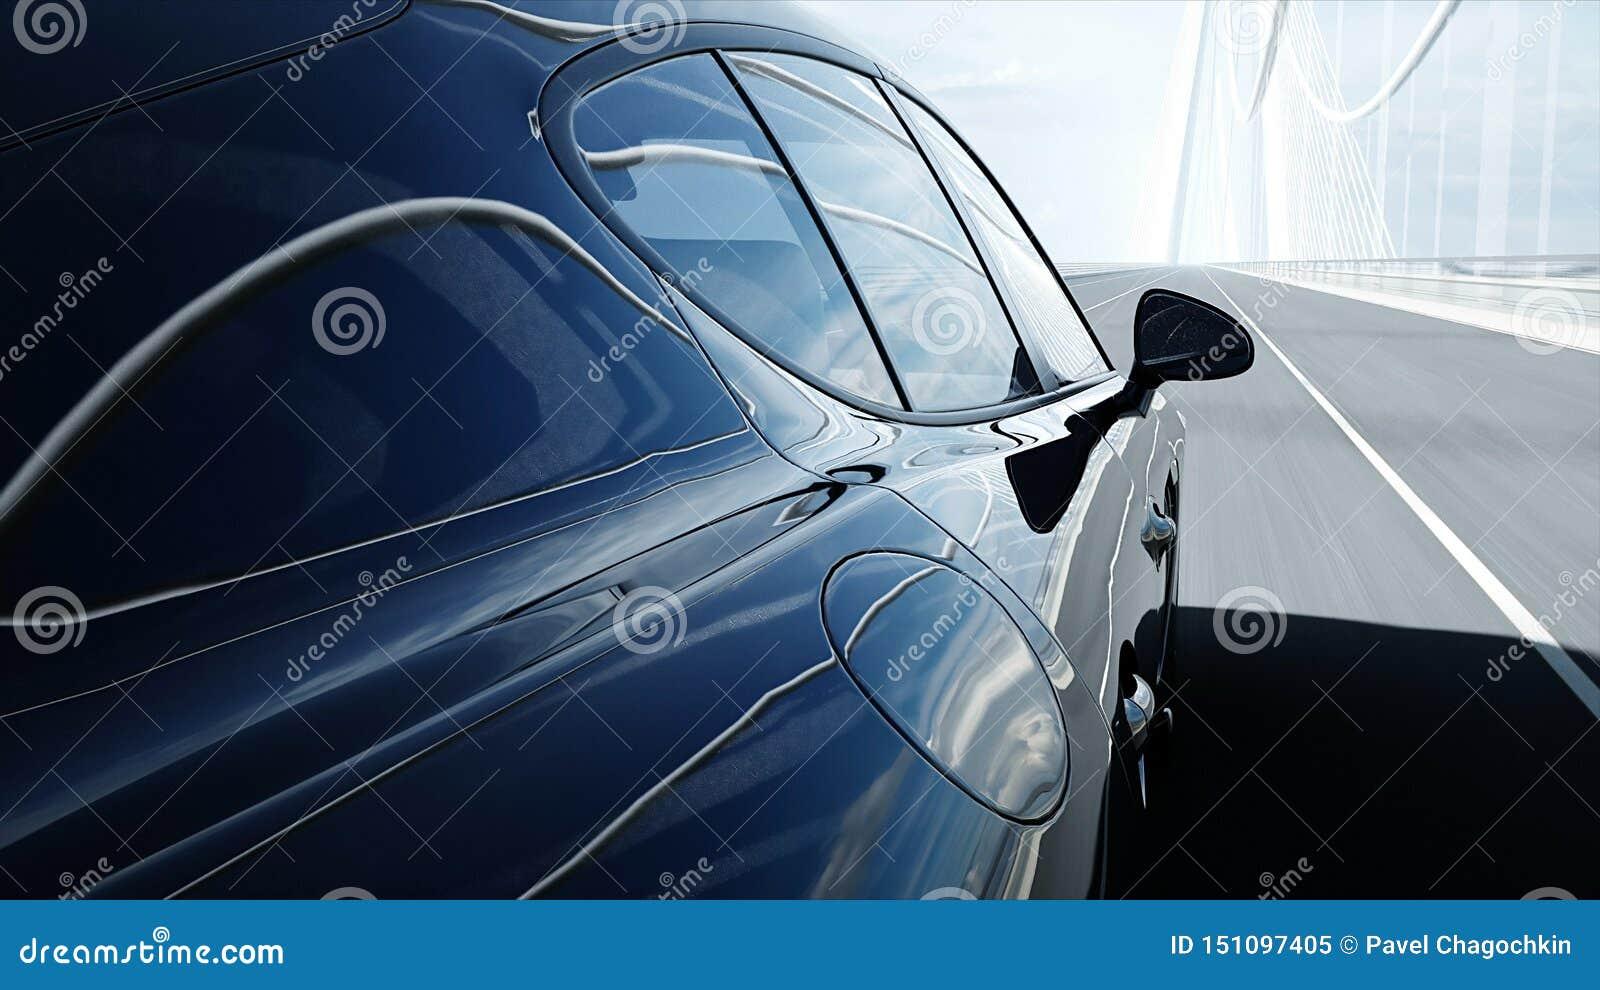 Modelo 3d del coche deportivo negro en el puente Conducci?n muy r?pida representaci?n 3d